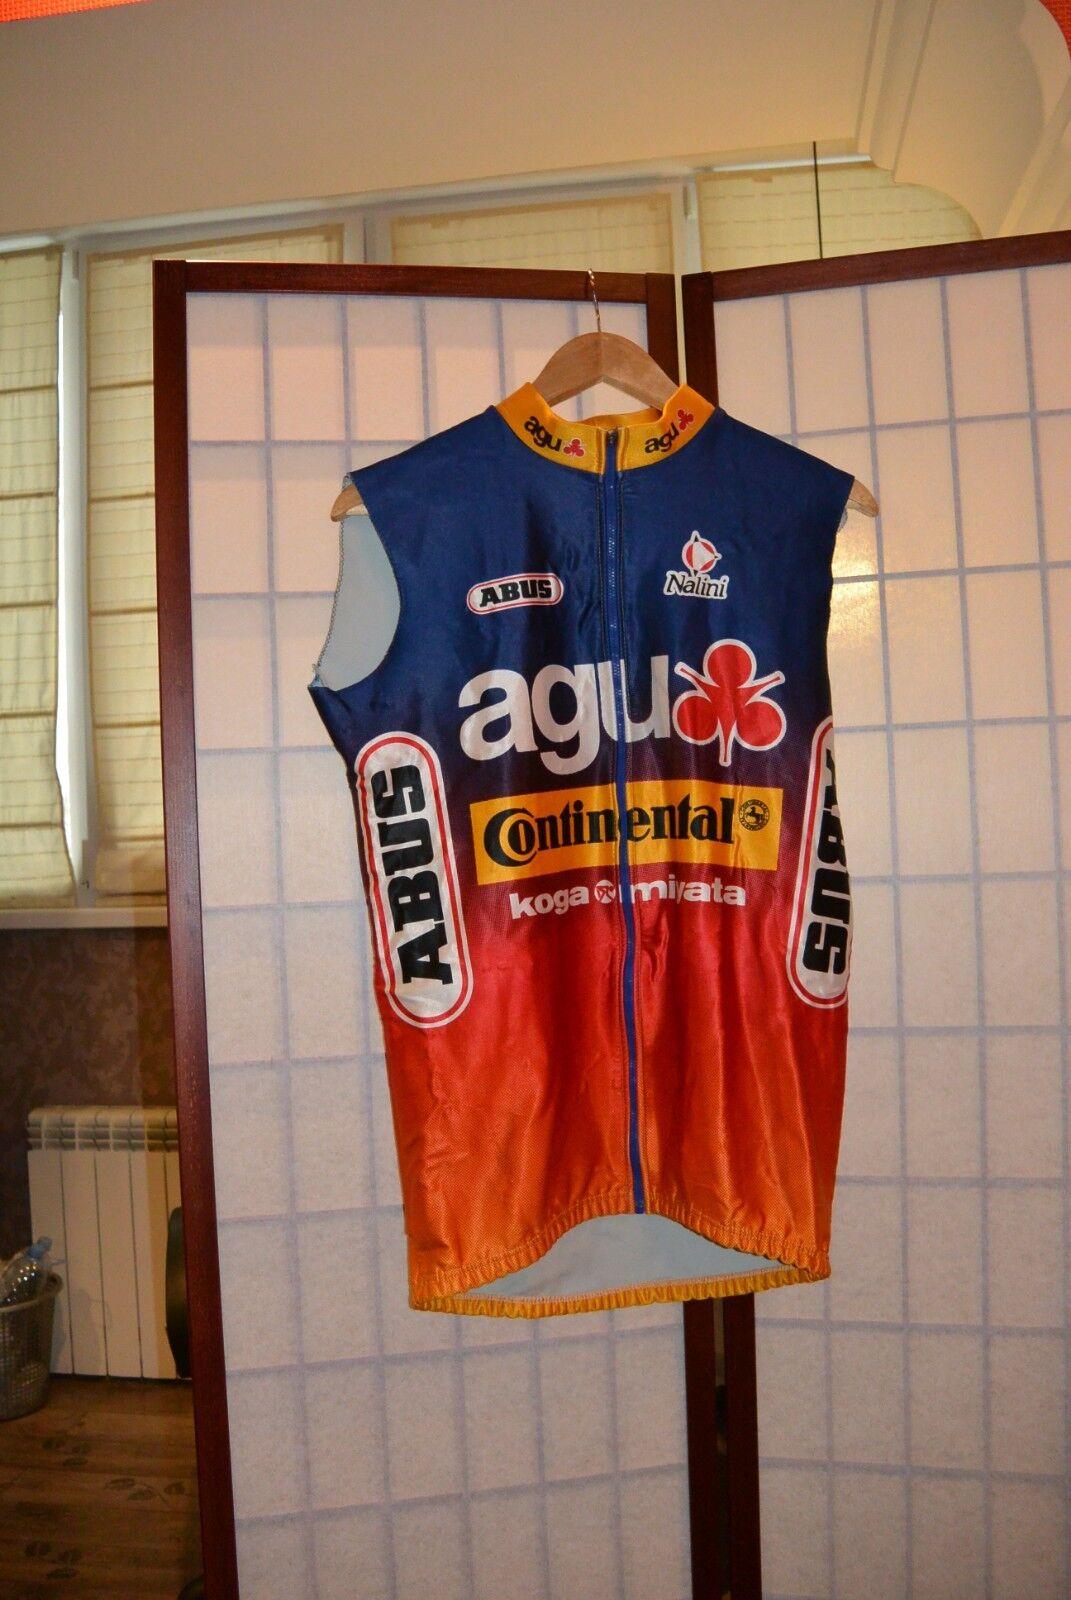 Agu Miyata Continental Koga Miyata Agu Nalini Abus sleeveless cycling jersey 82c20b